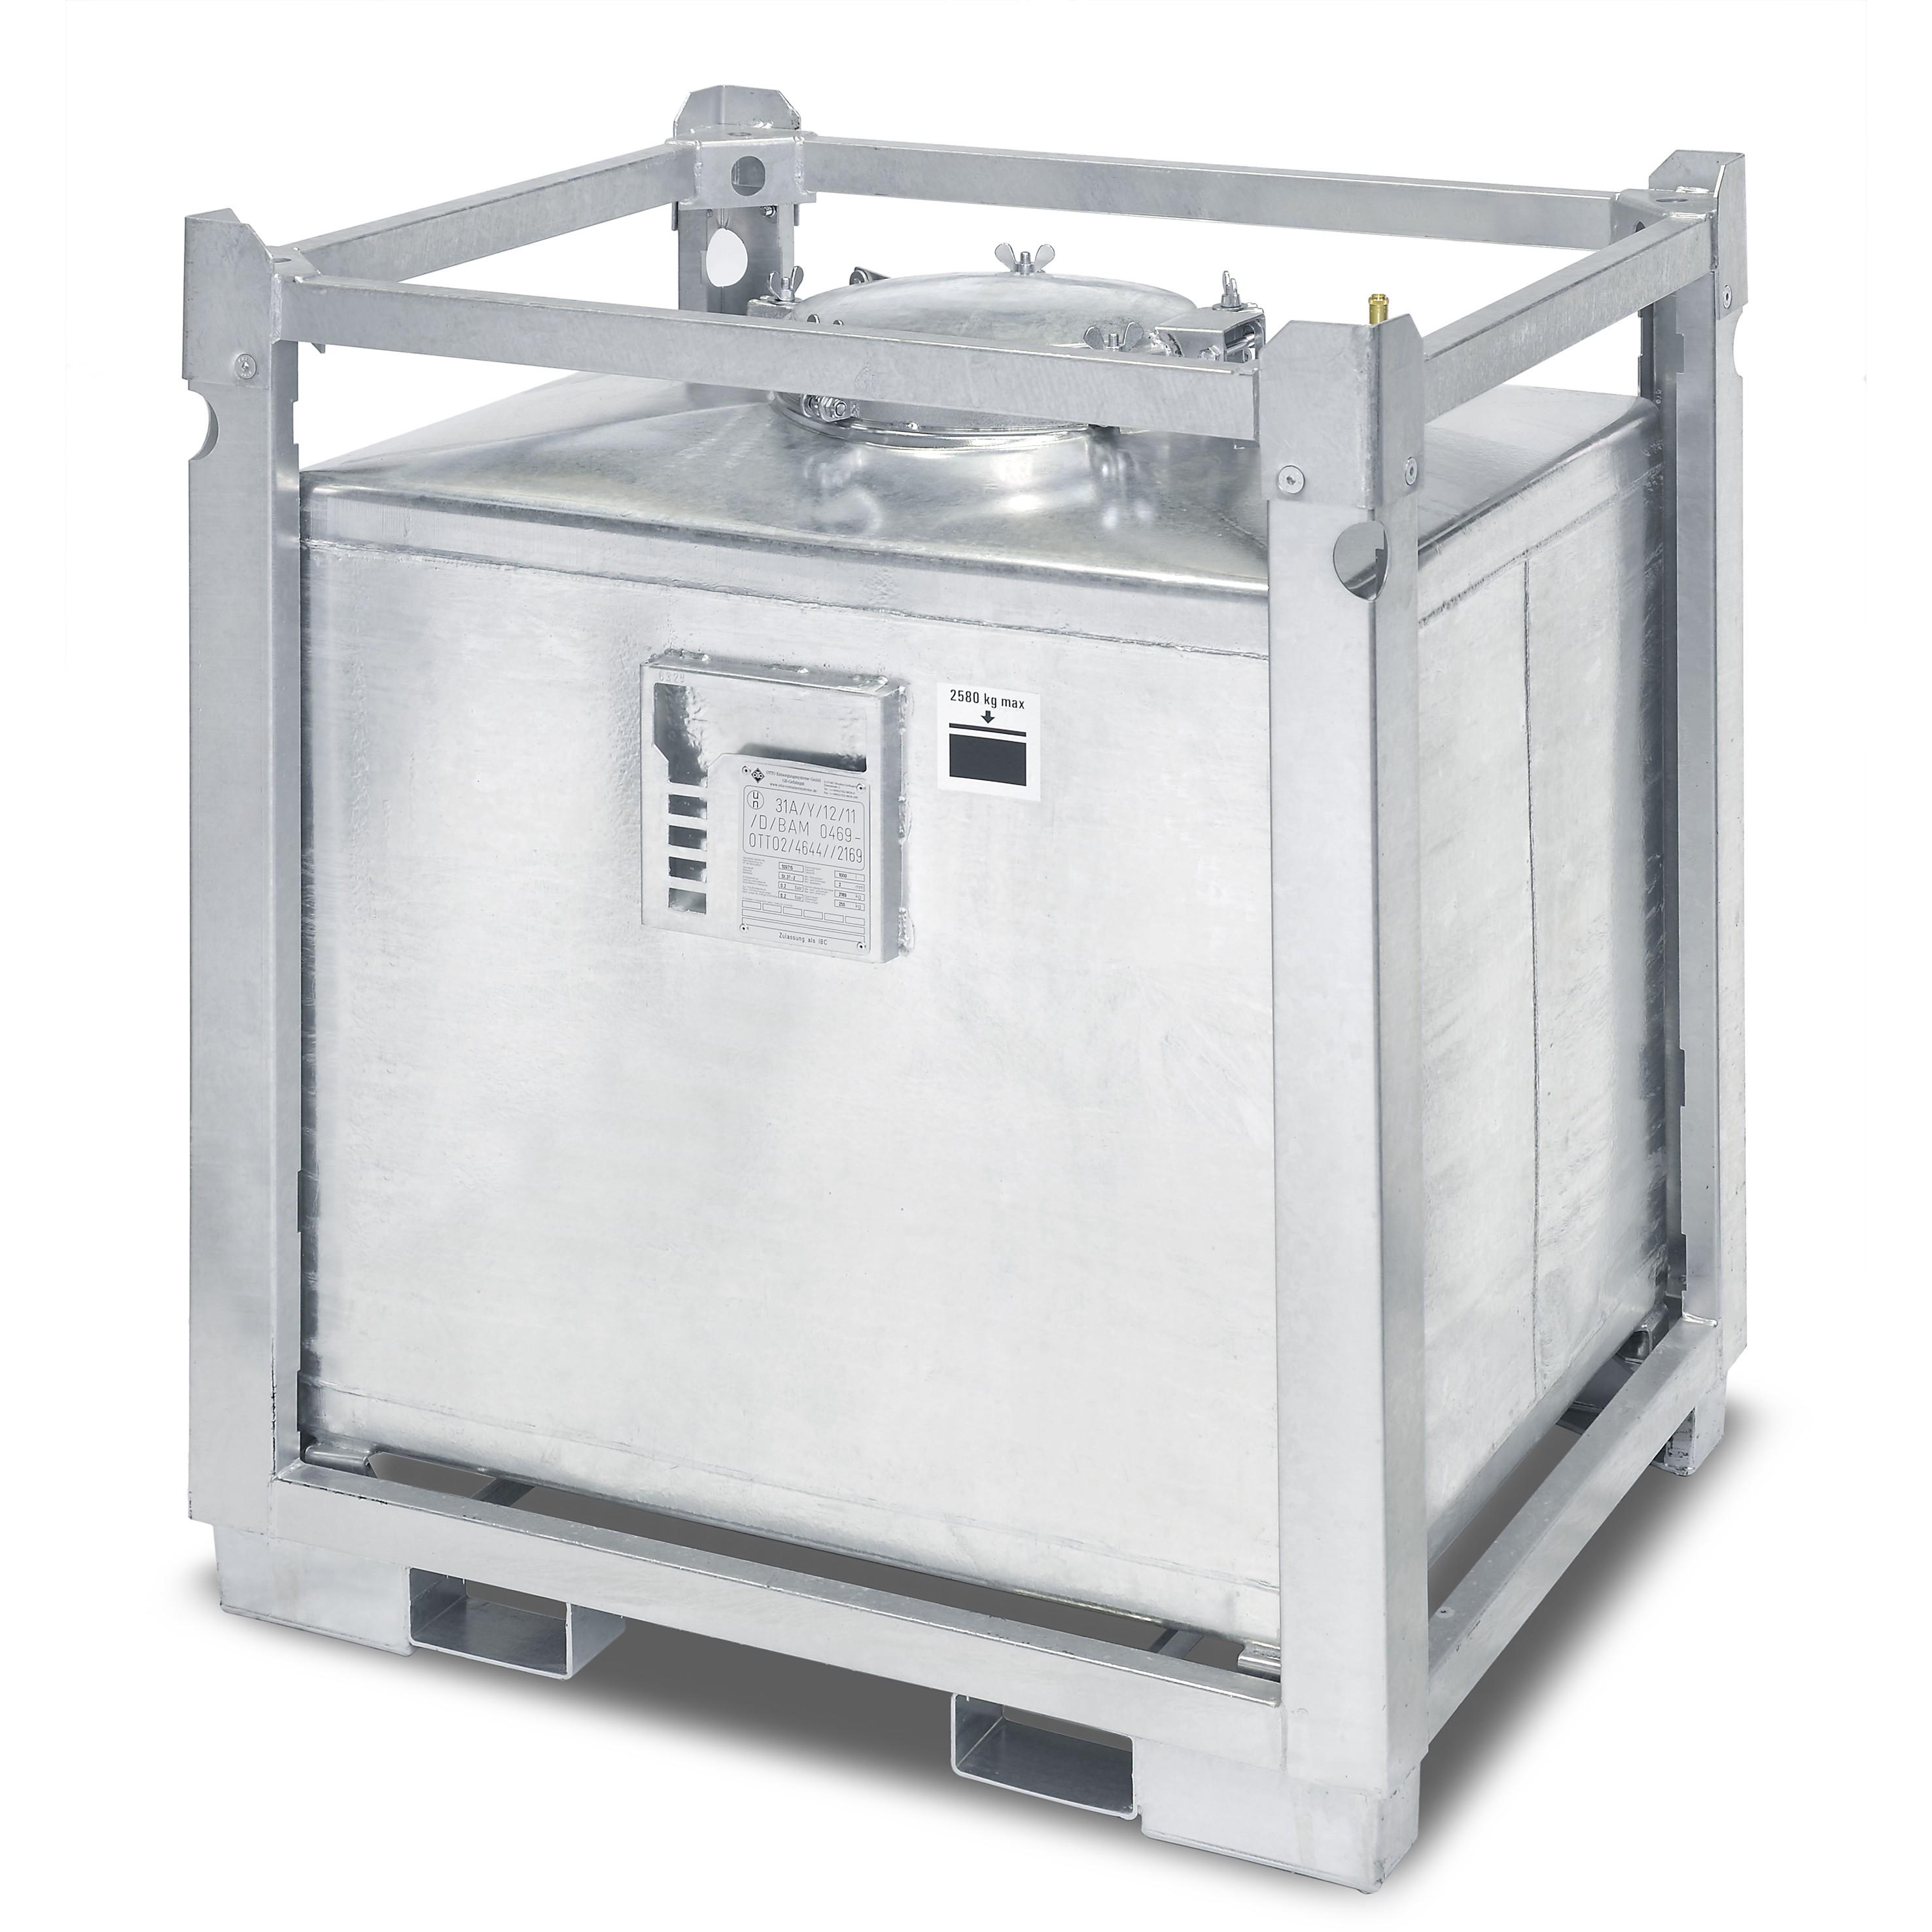 asf beh lter einwandig inhalt 1000 liter bxtxh 1230x1030x1400 mm gewicht 255 kg asf. Black Bedroom Furniture Sets. Home Design Ideas